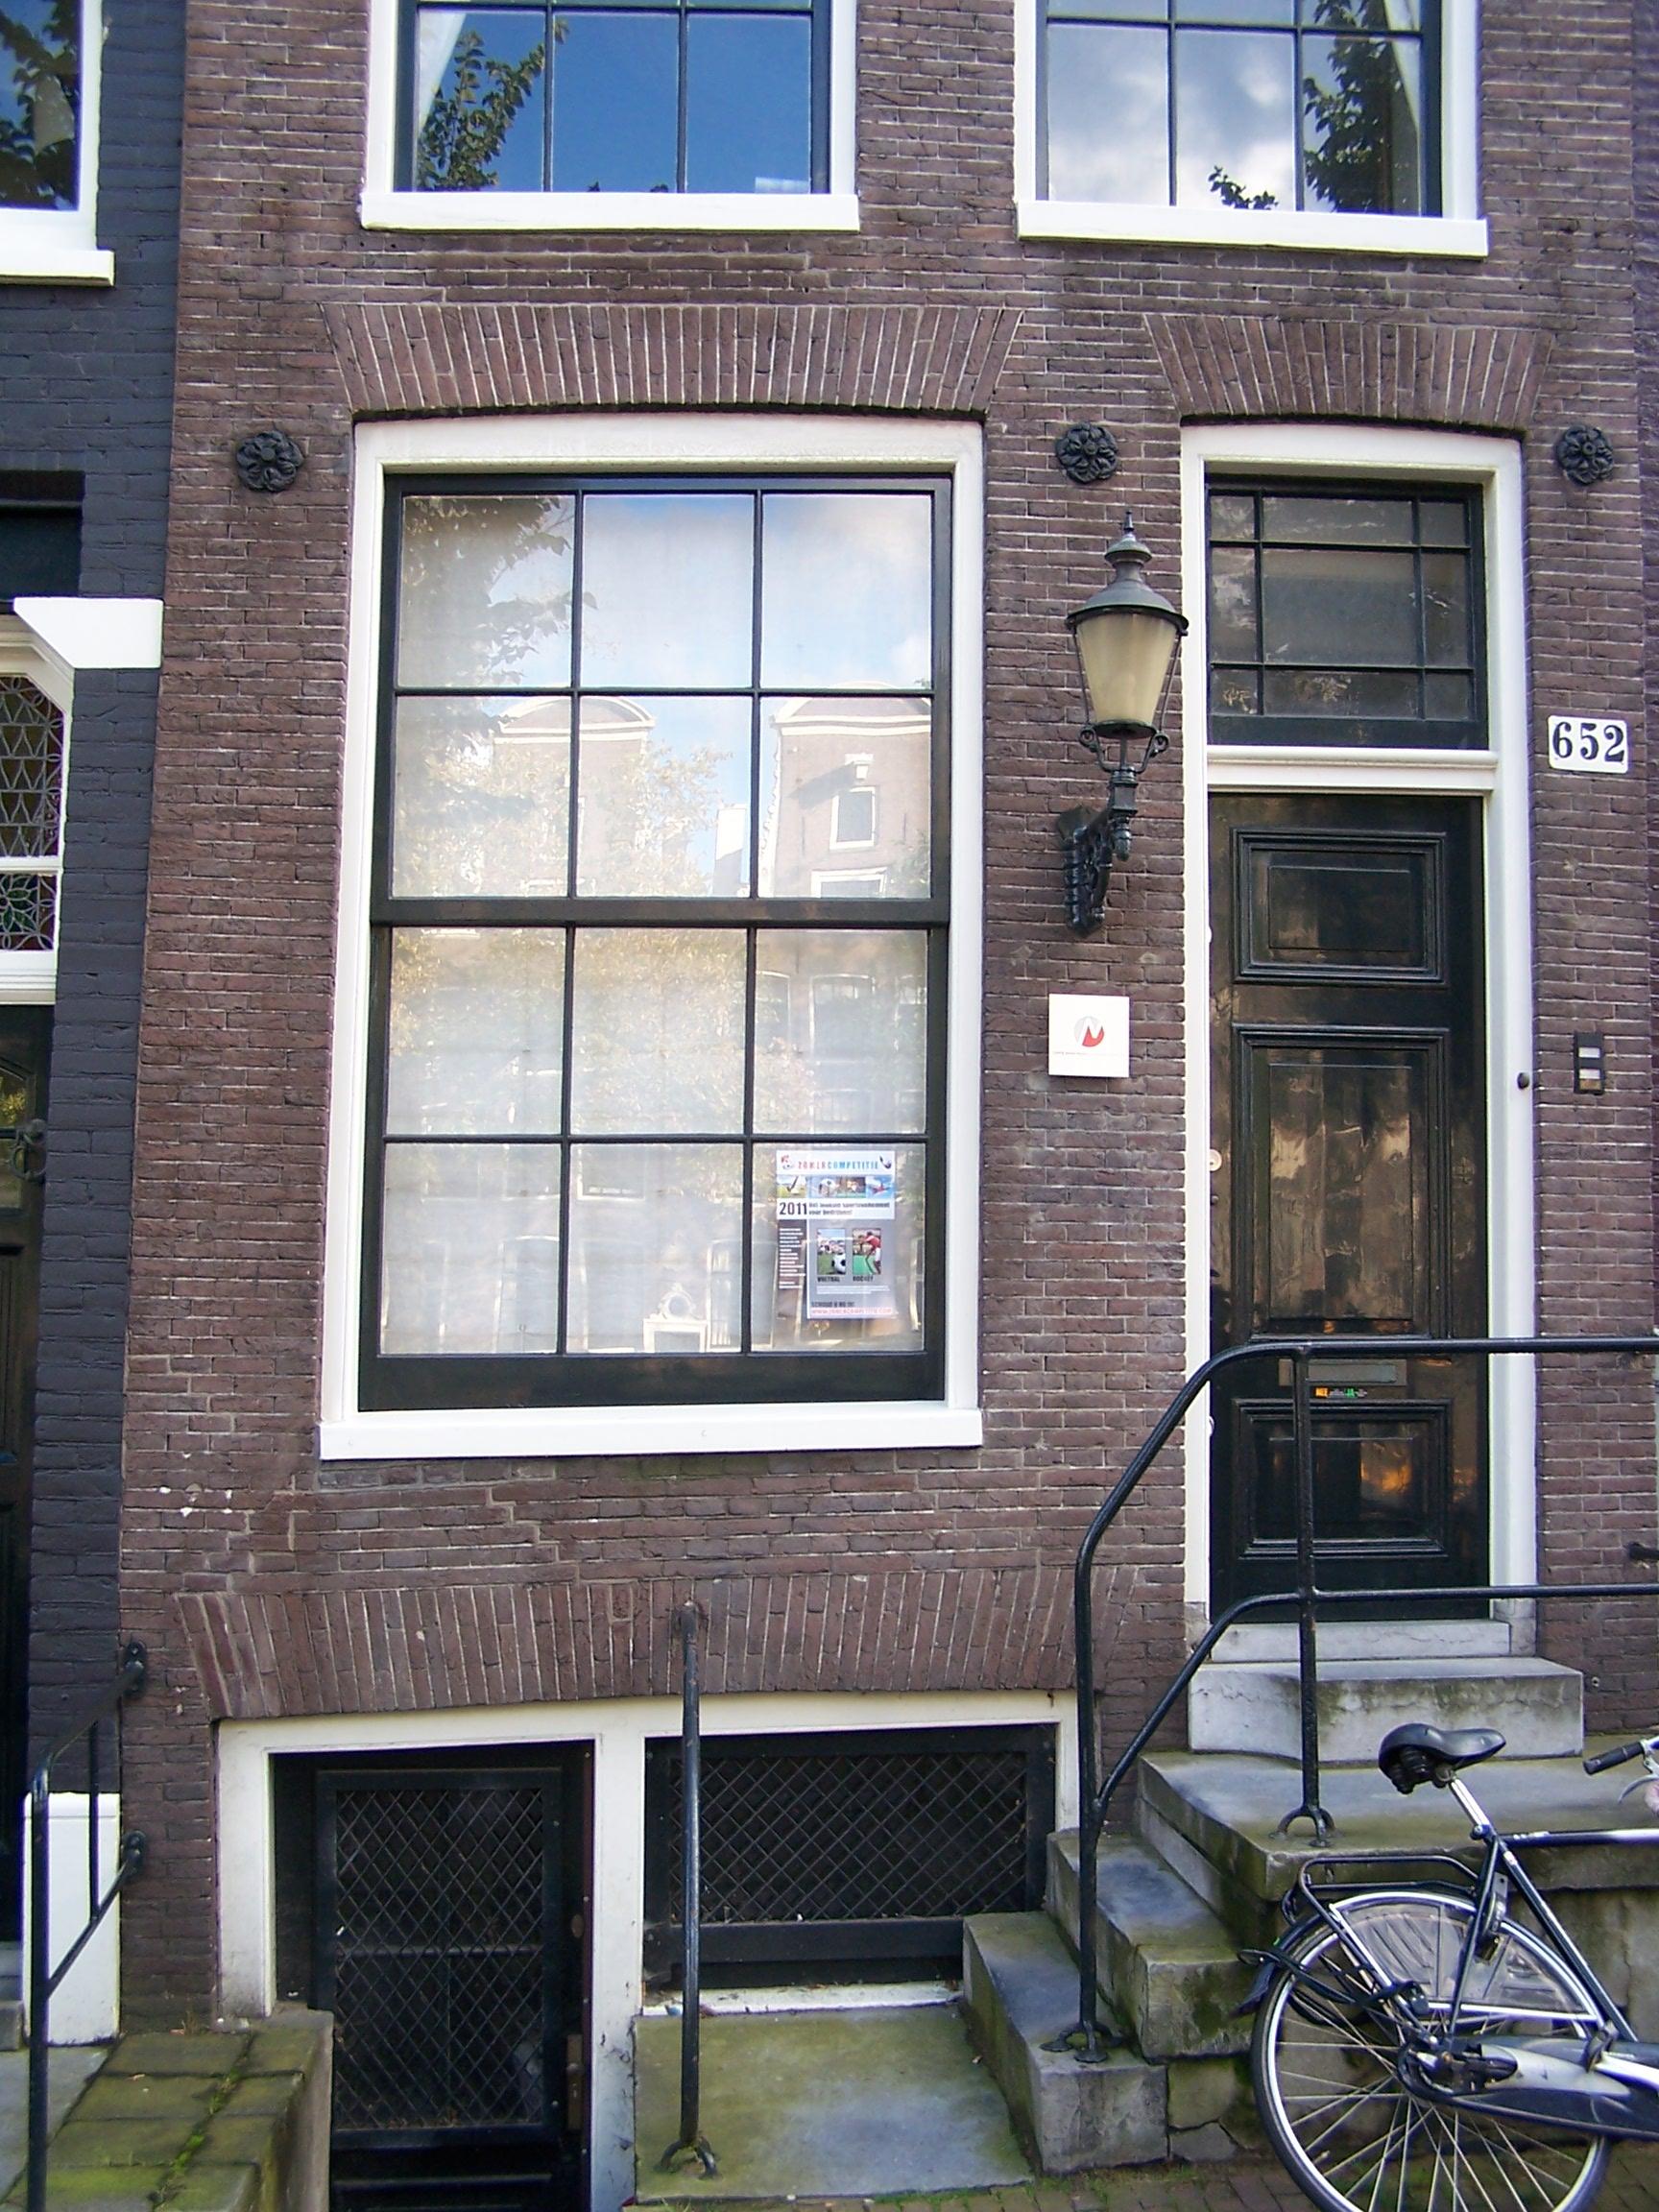 Huis met gevel onder rechte lijst en dakkapel in amsterdam for Lijst inrichting huis